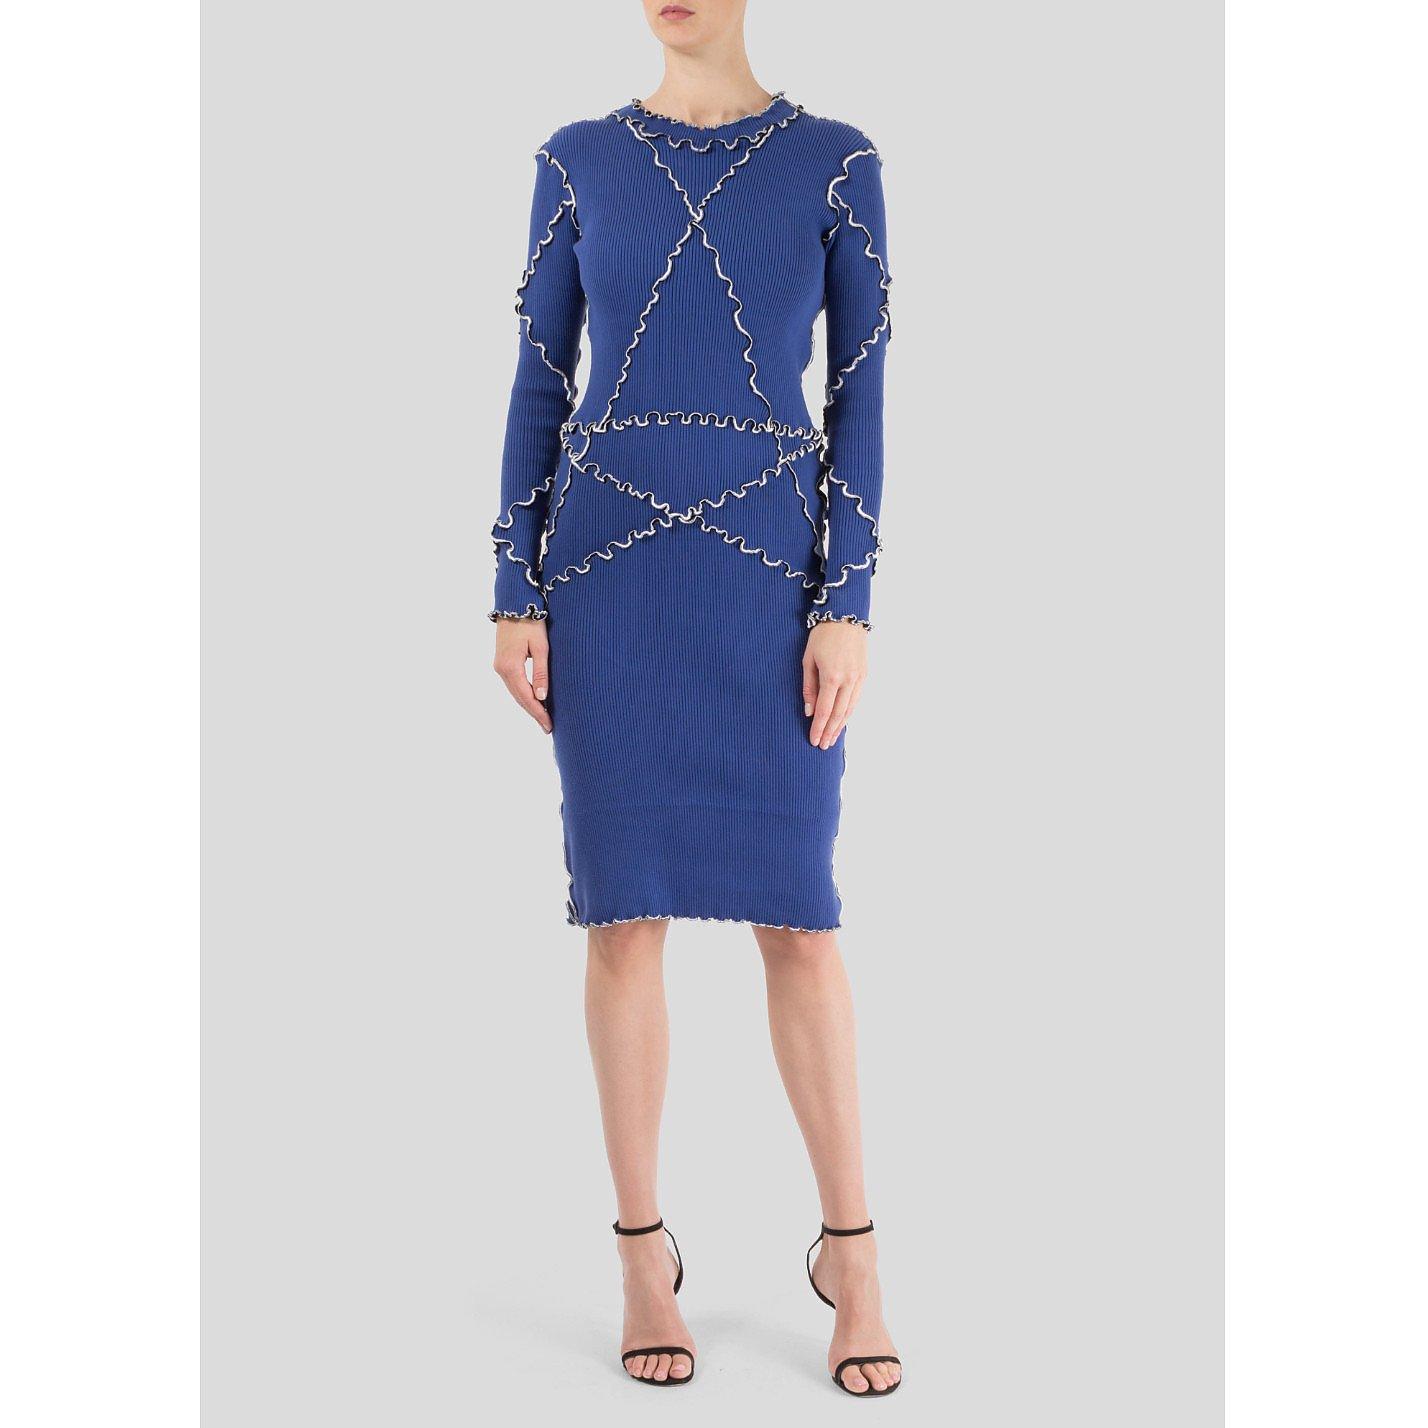 Minnanhui Frill Detail Dress